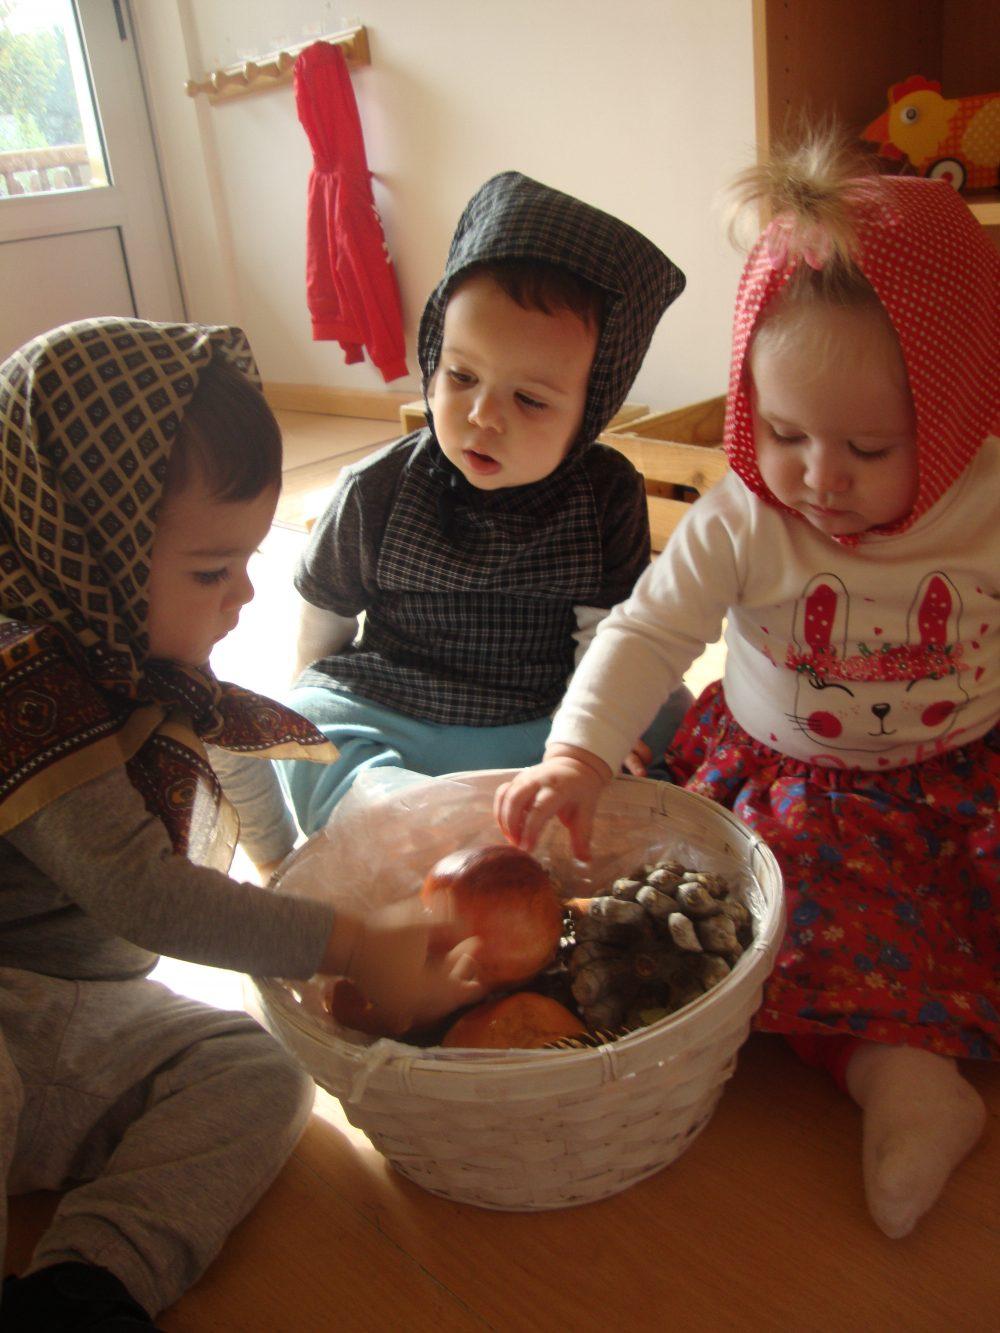 Tres infants amb mocadors al cap jugant amb la panera de la tardor